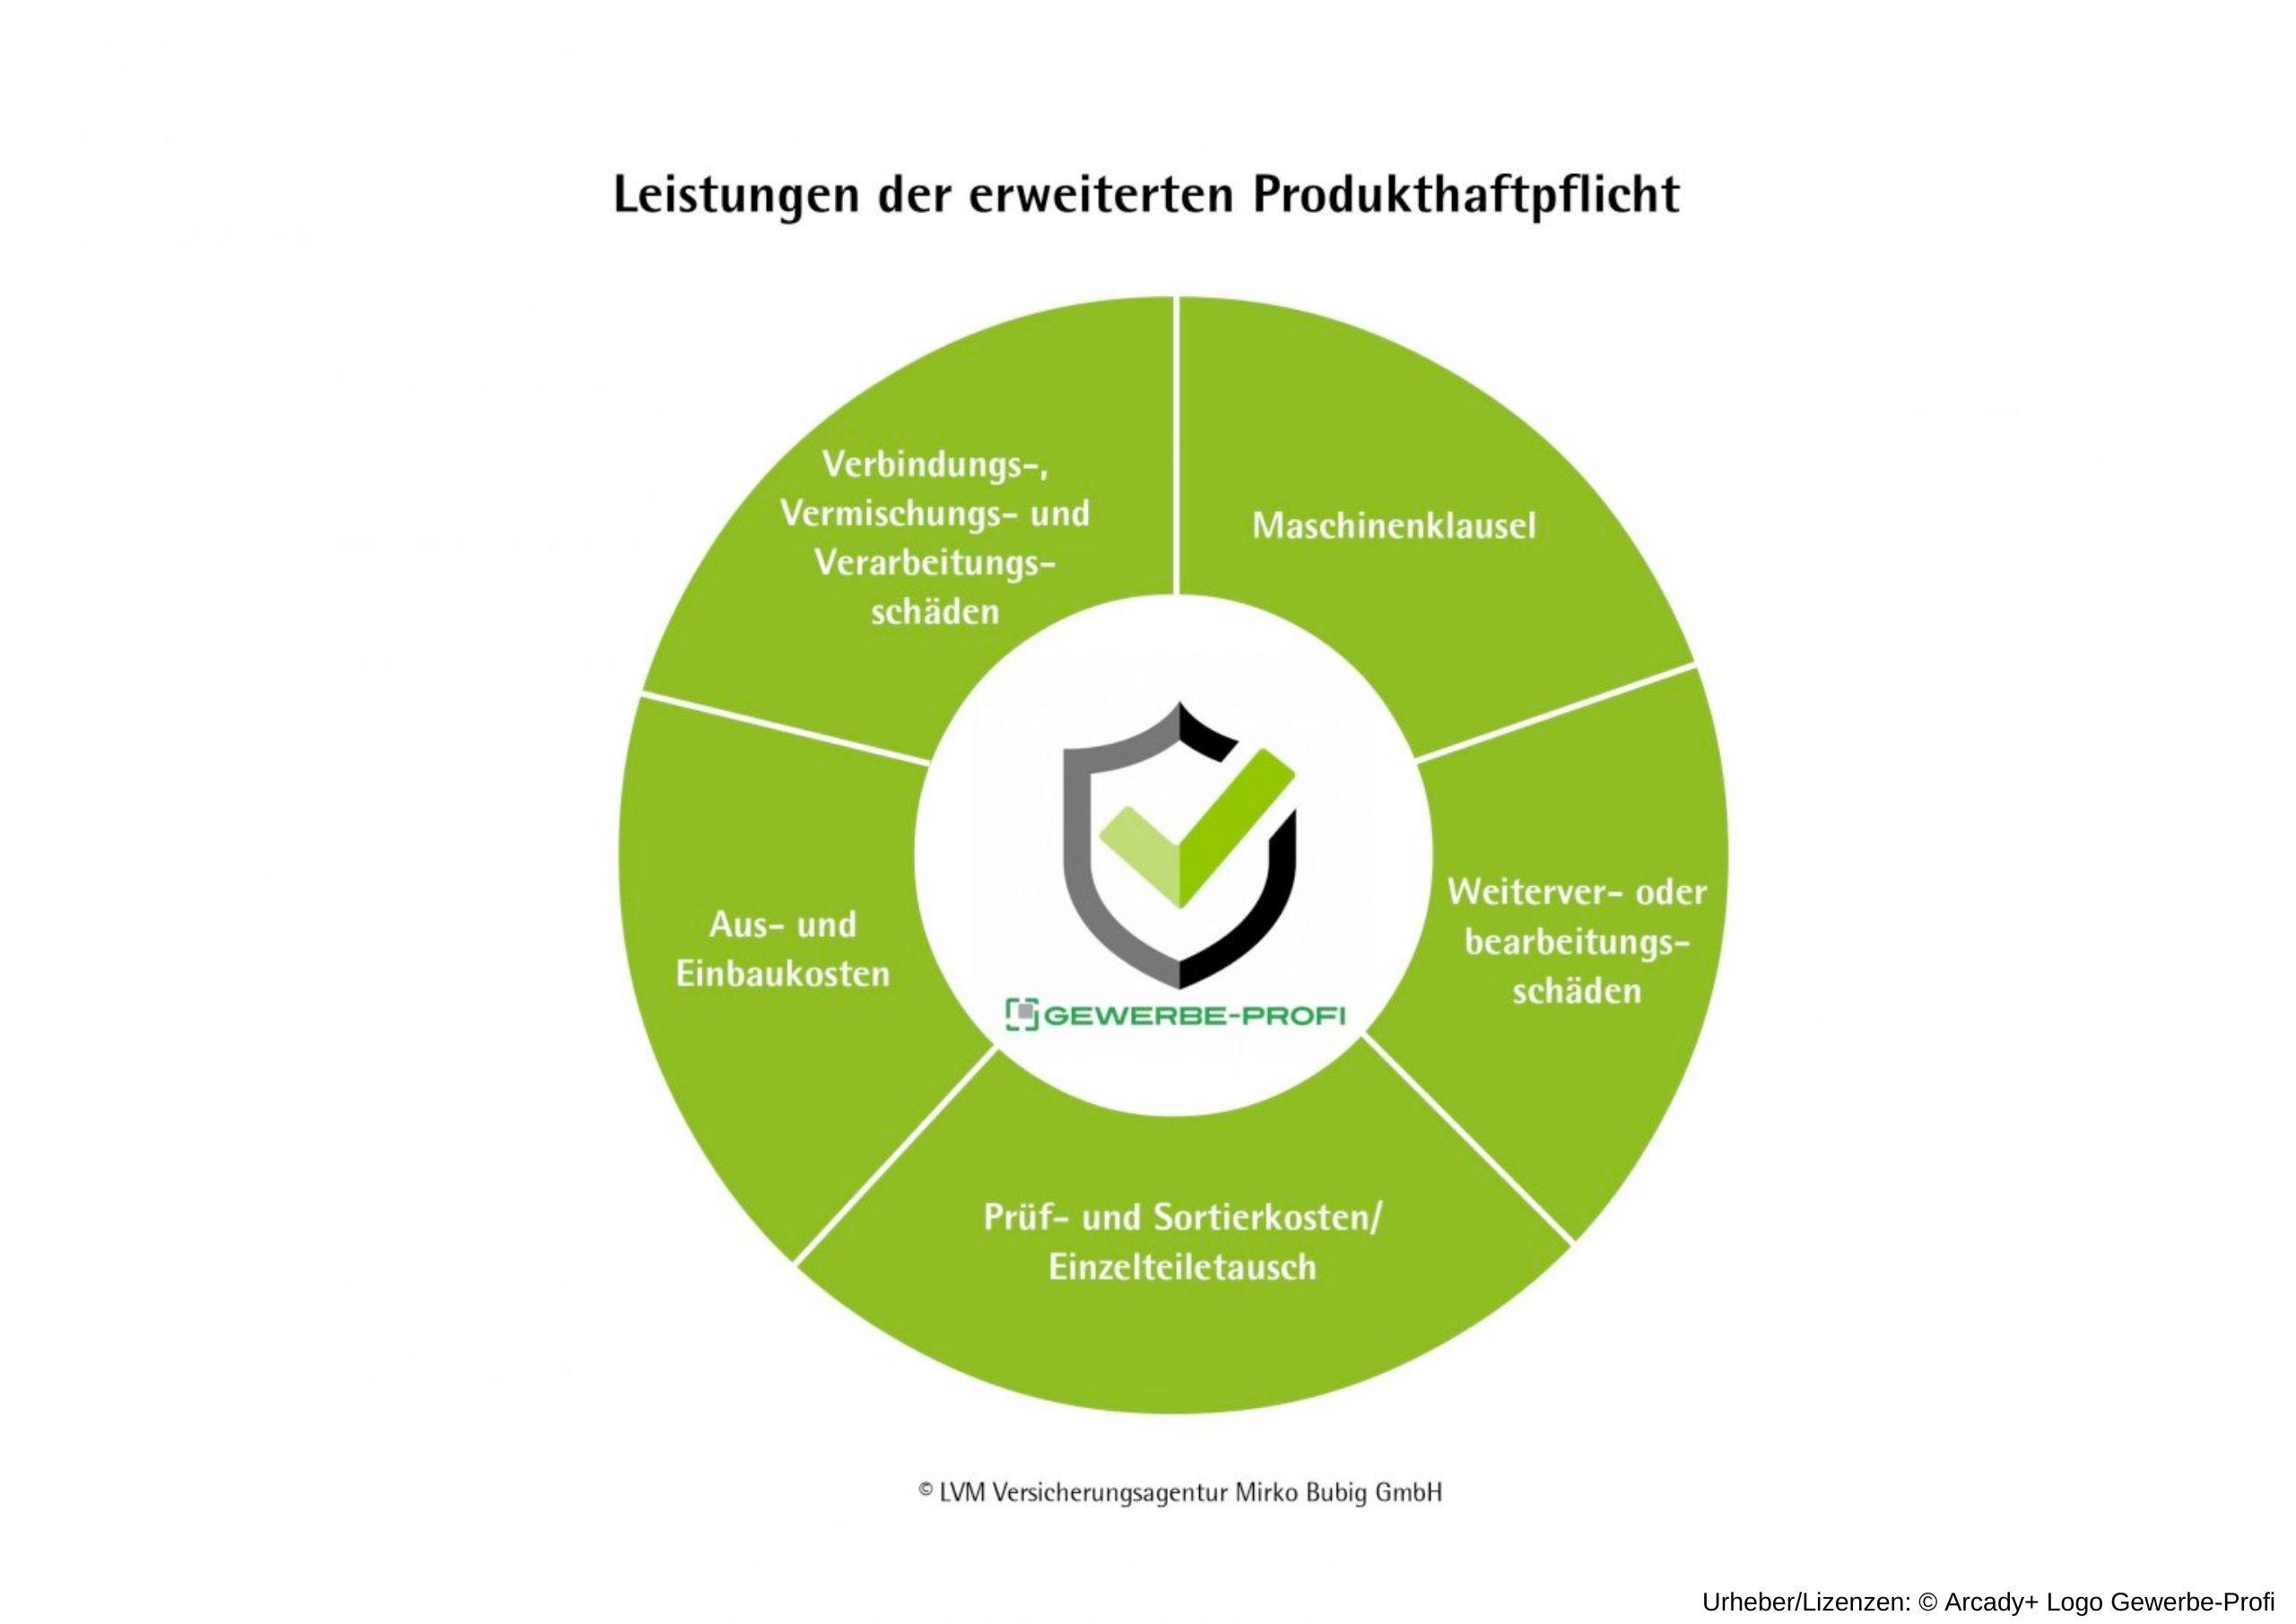 Produkthaftpflichtversicherung - Diese Leistungen enthält die erweiterte Produkthaftpflicht